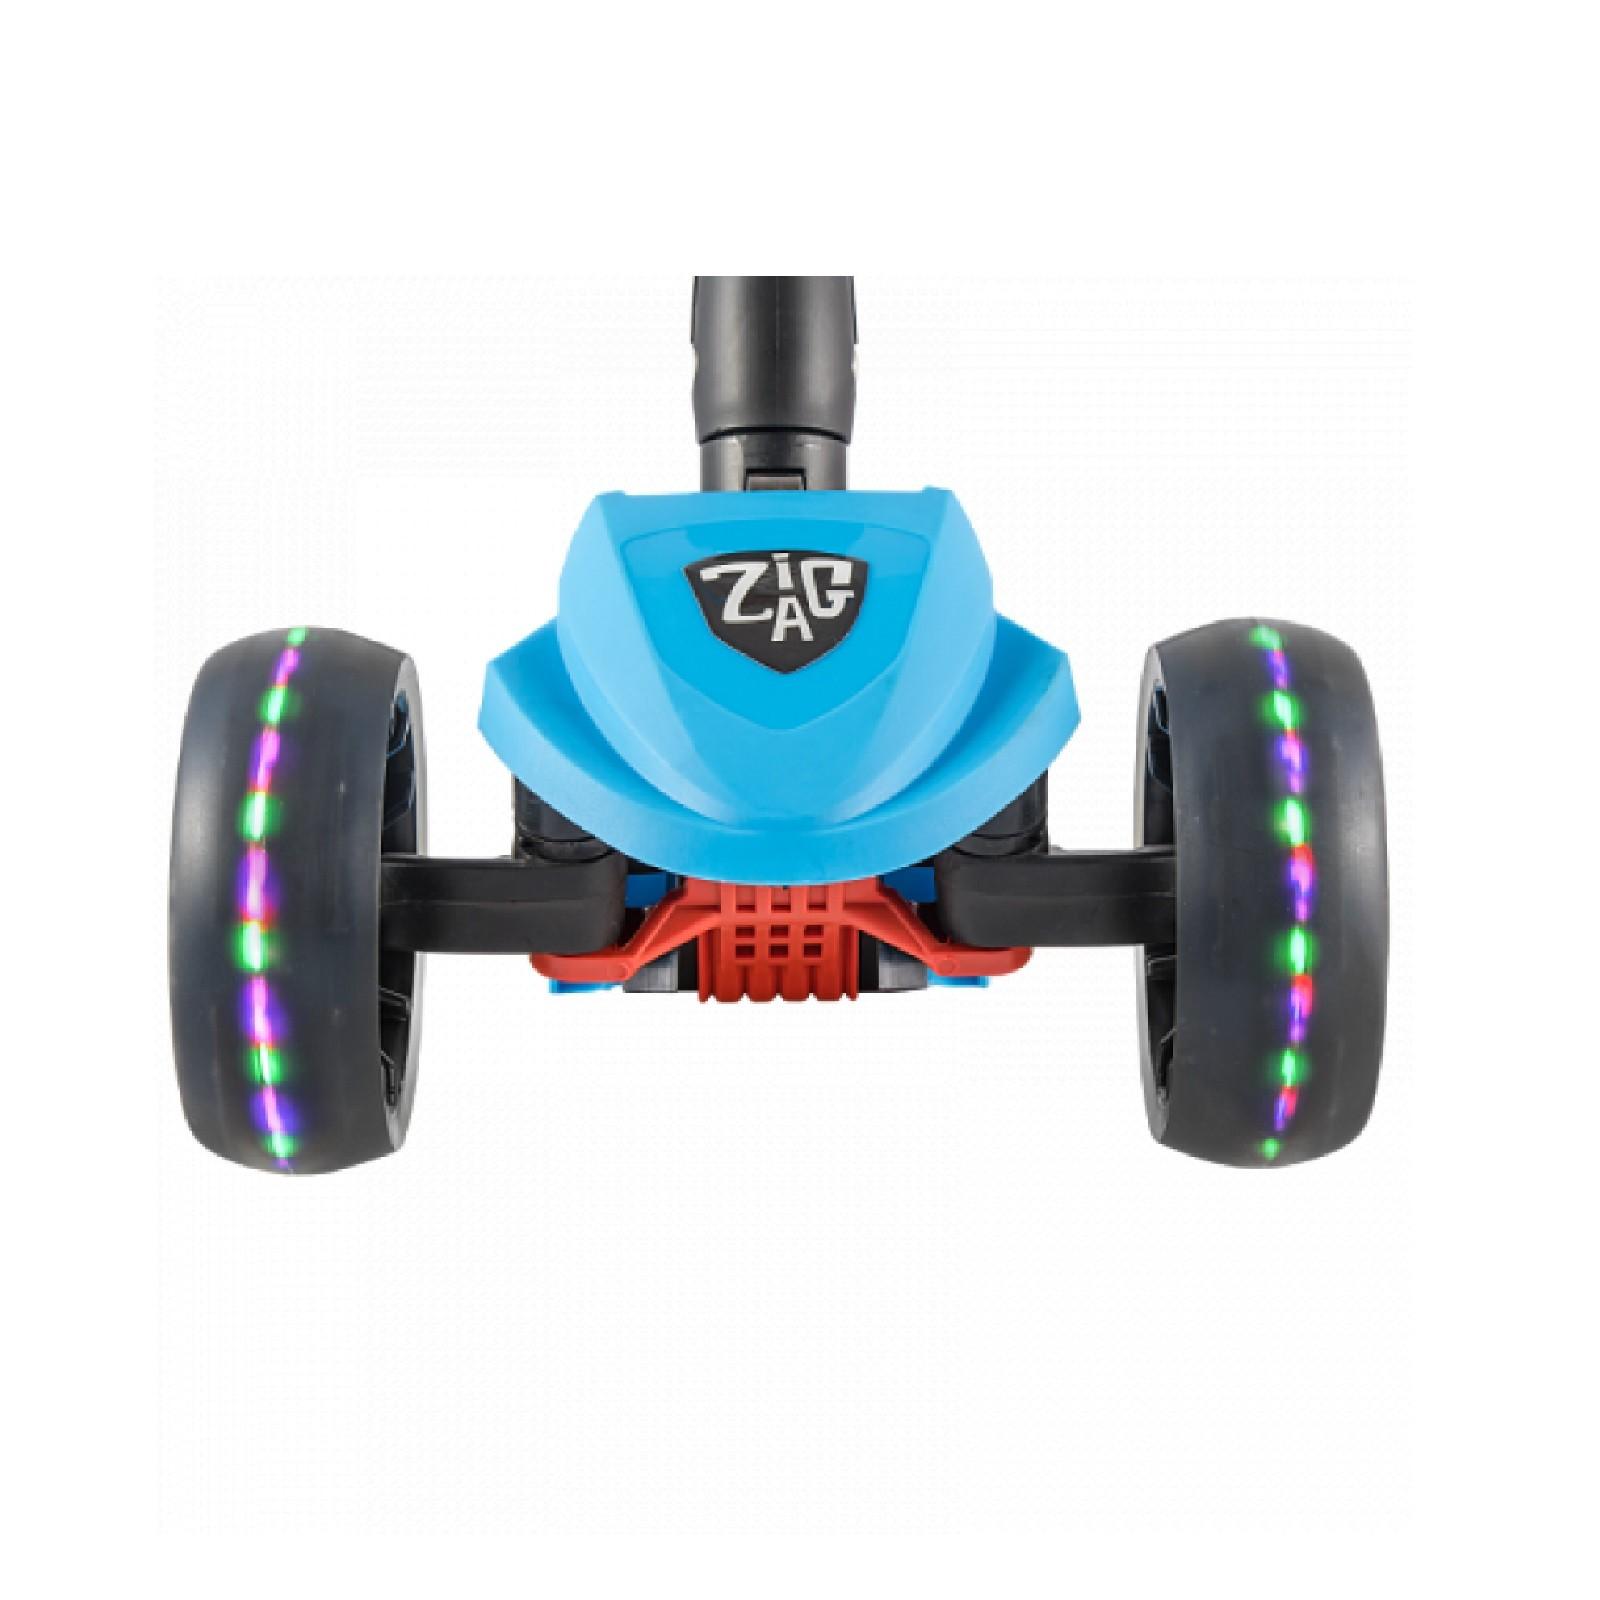 Детский Складной Трехколесный cамокат ZigZag 2019 / Голубой